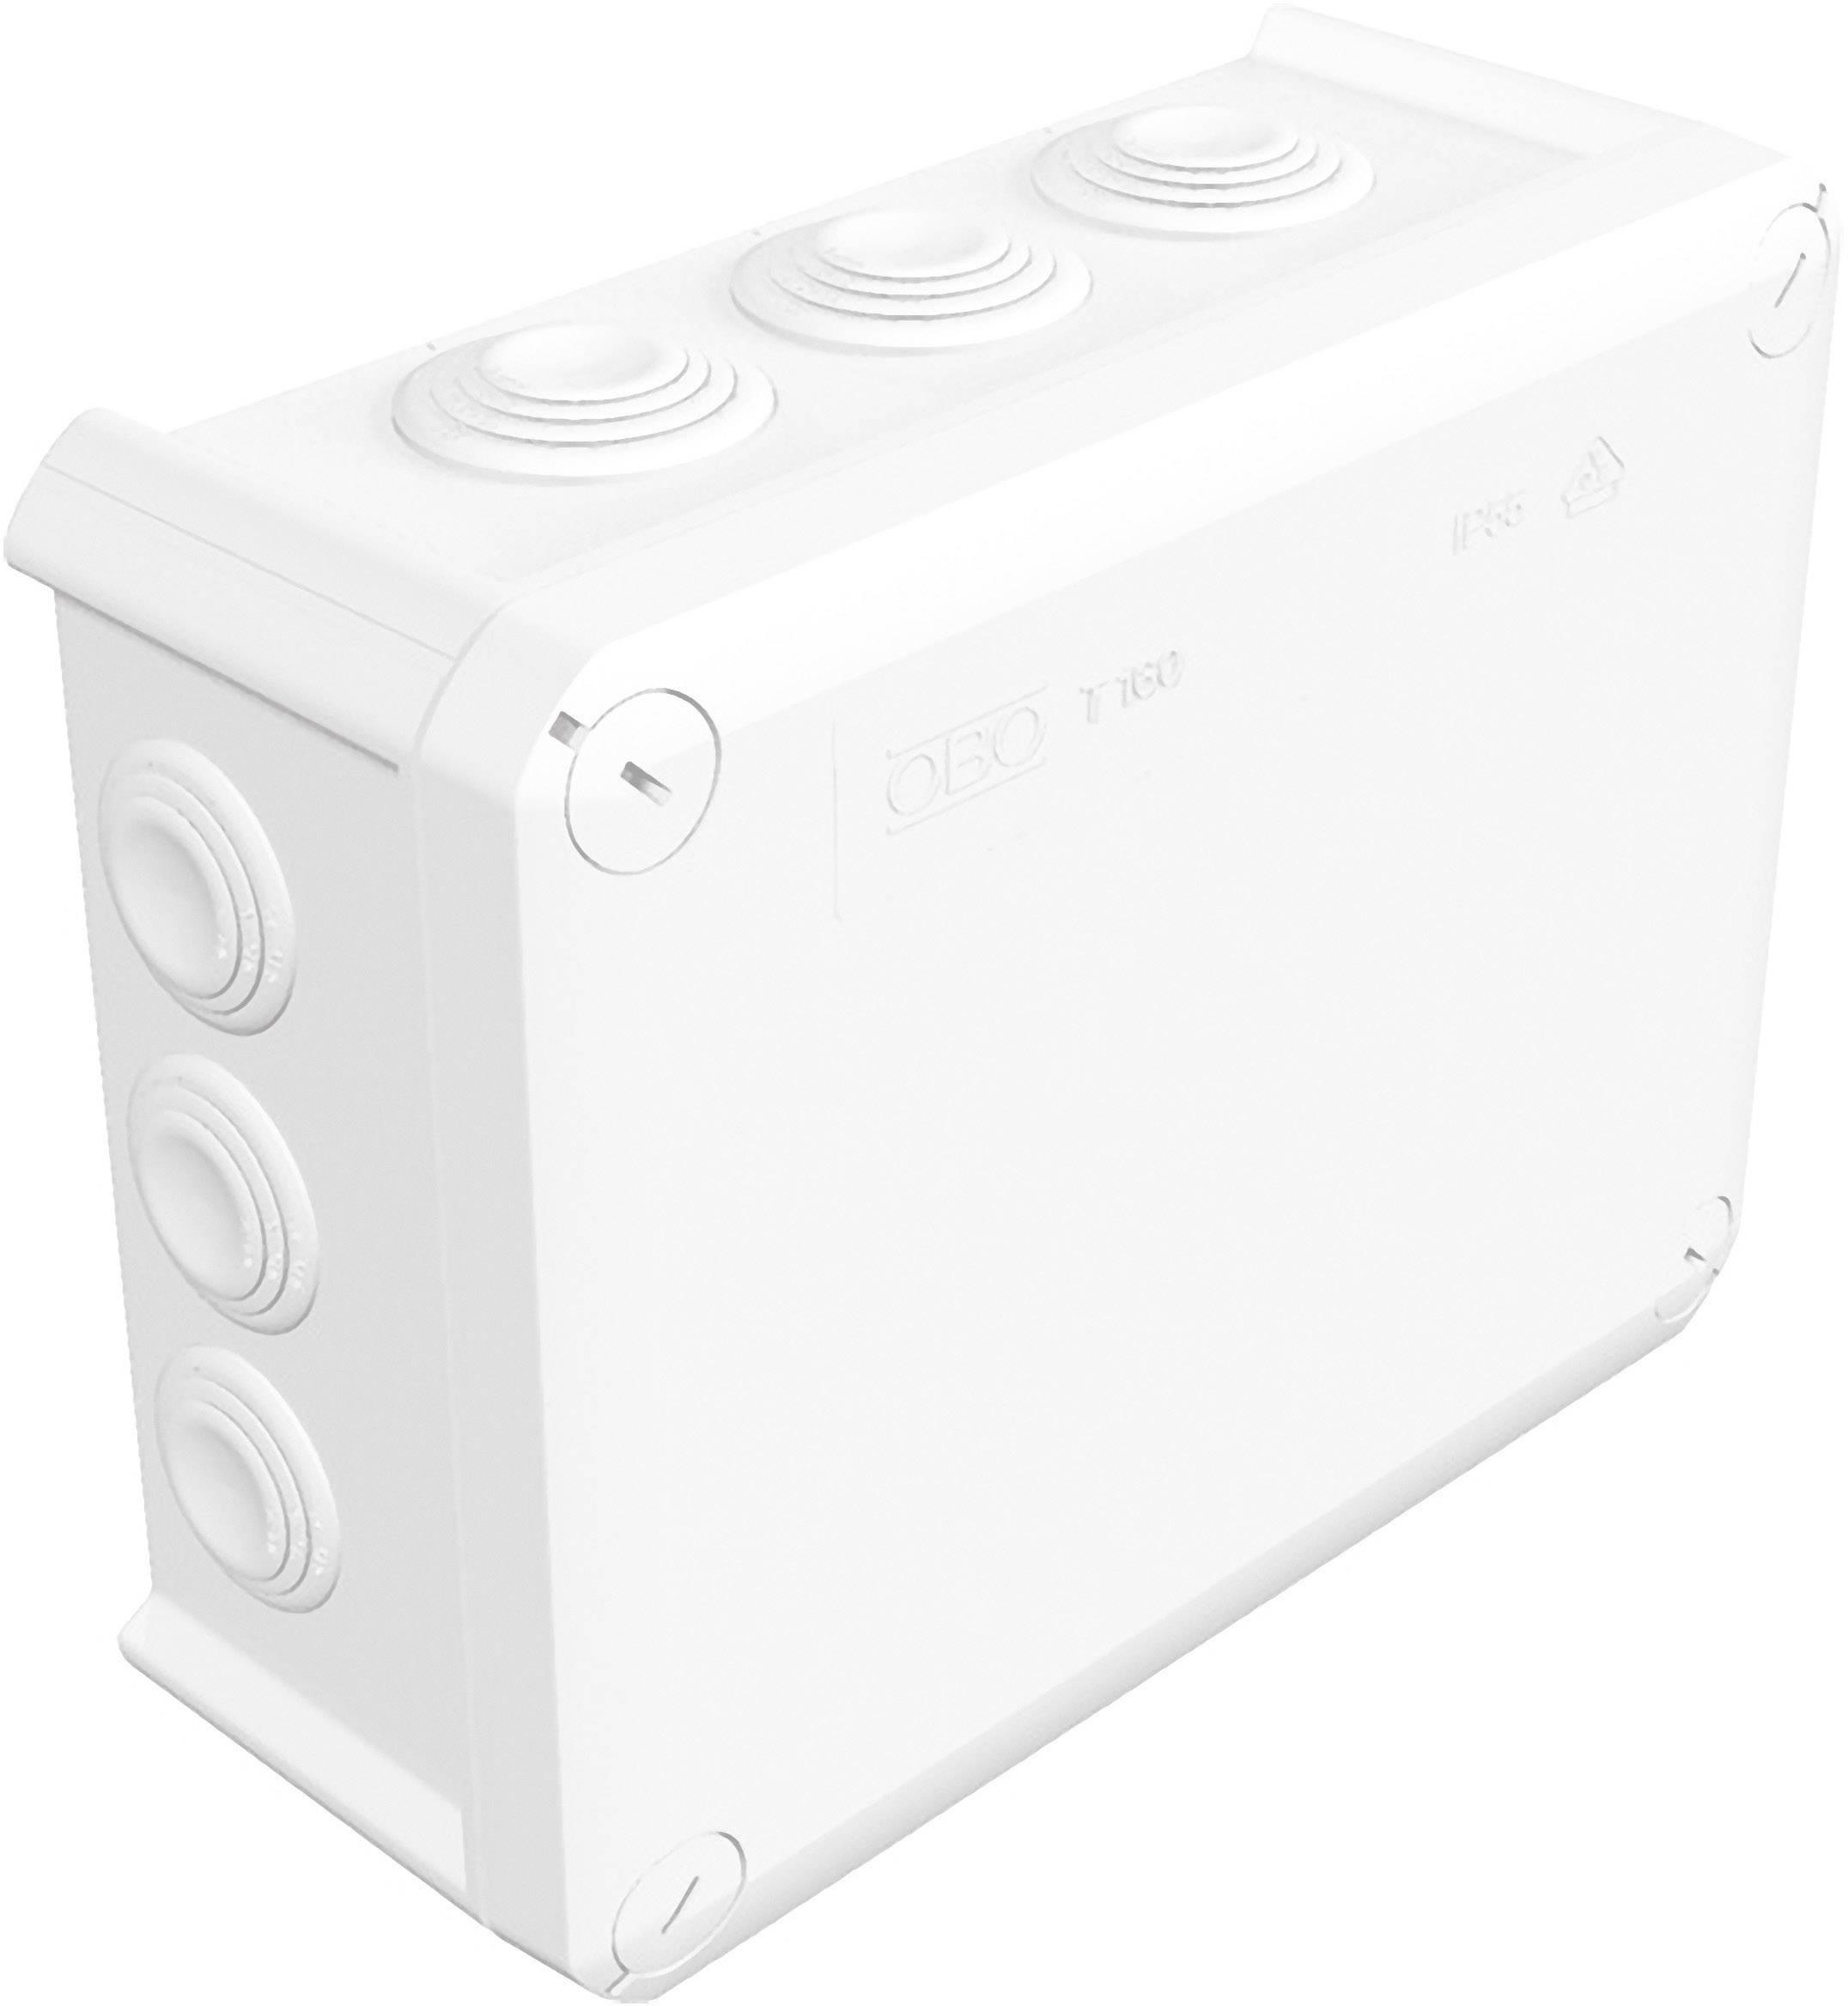 Rozbočovacia krabica OBO Bettermann T160, IP66, 190x 150x 77 mm, jasne biela, 2007041